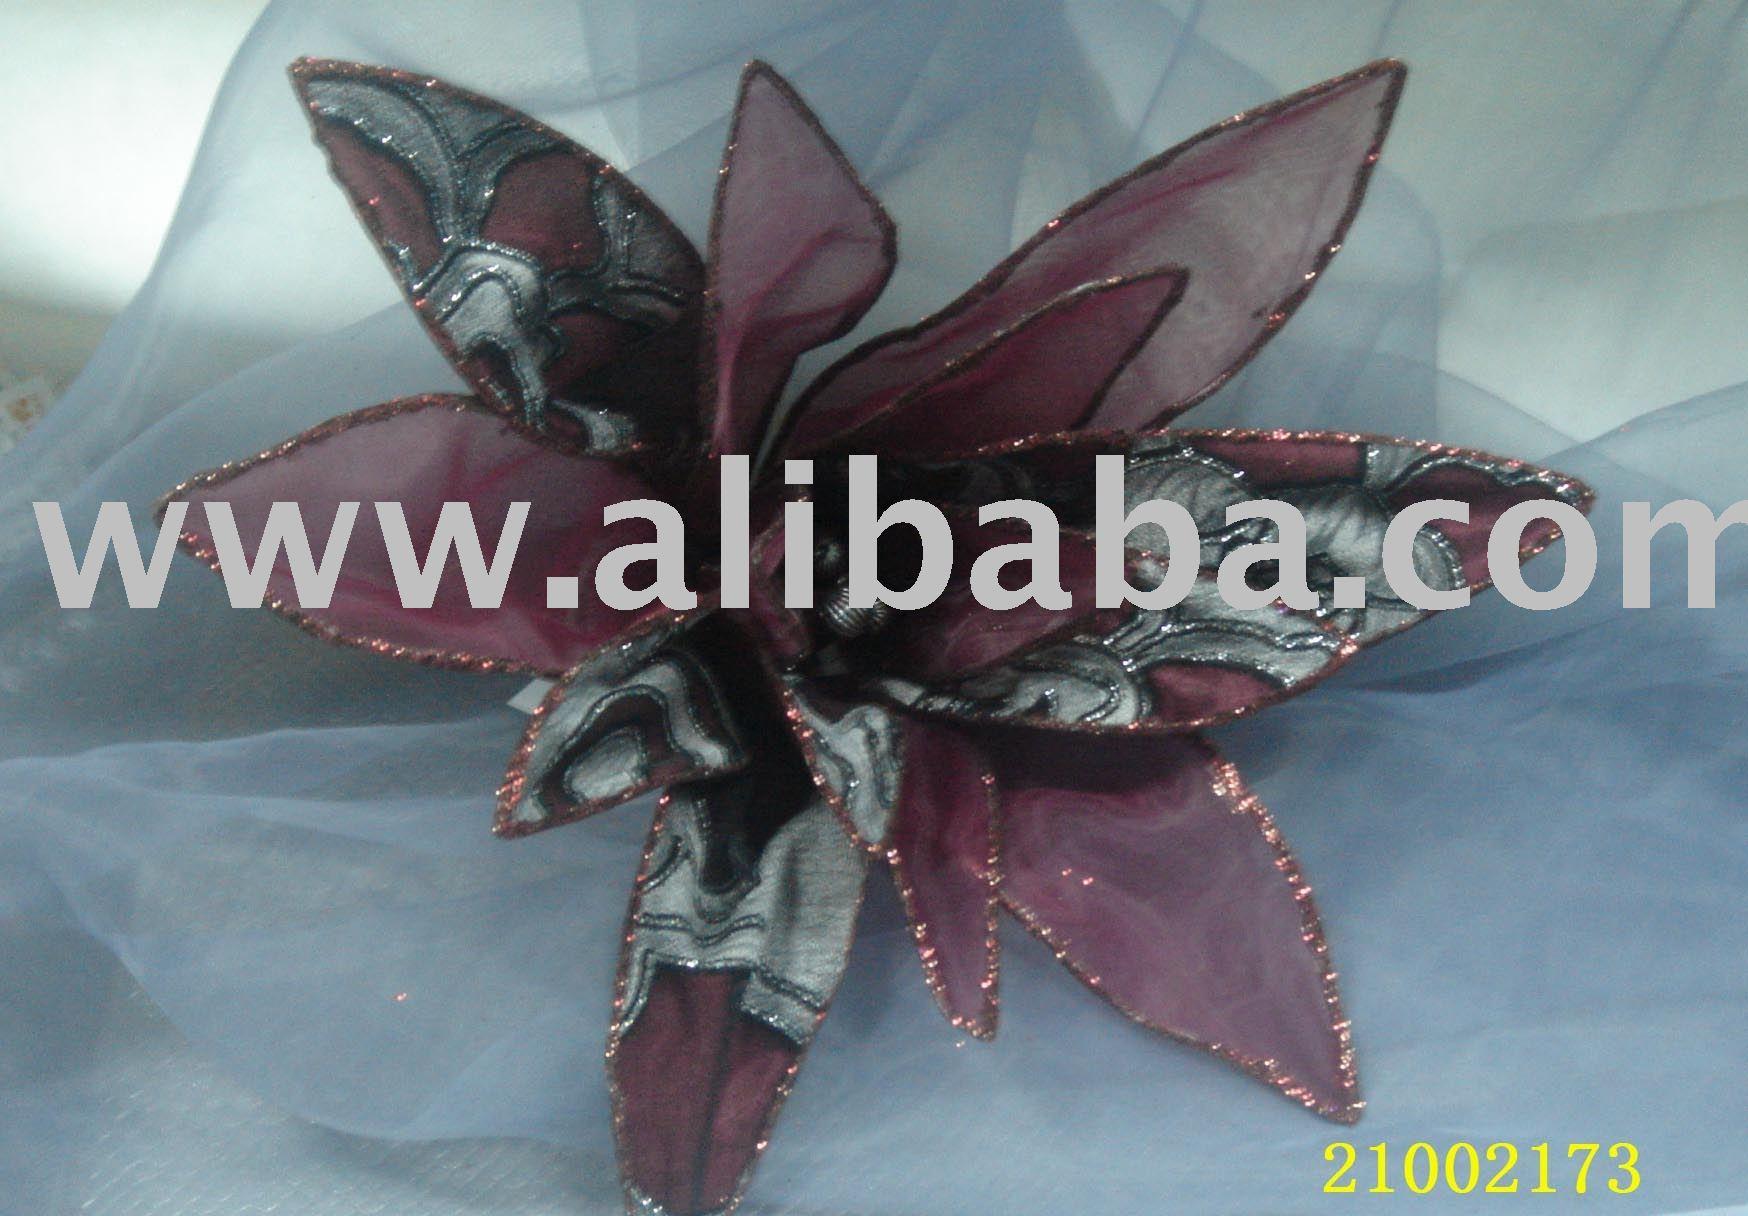 زهرة عيد الميلاد - الفنون والحرف - زخرفة زهرة - زينة الأعياد